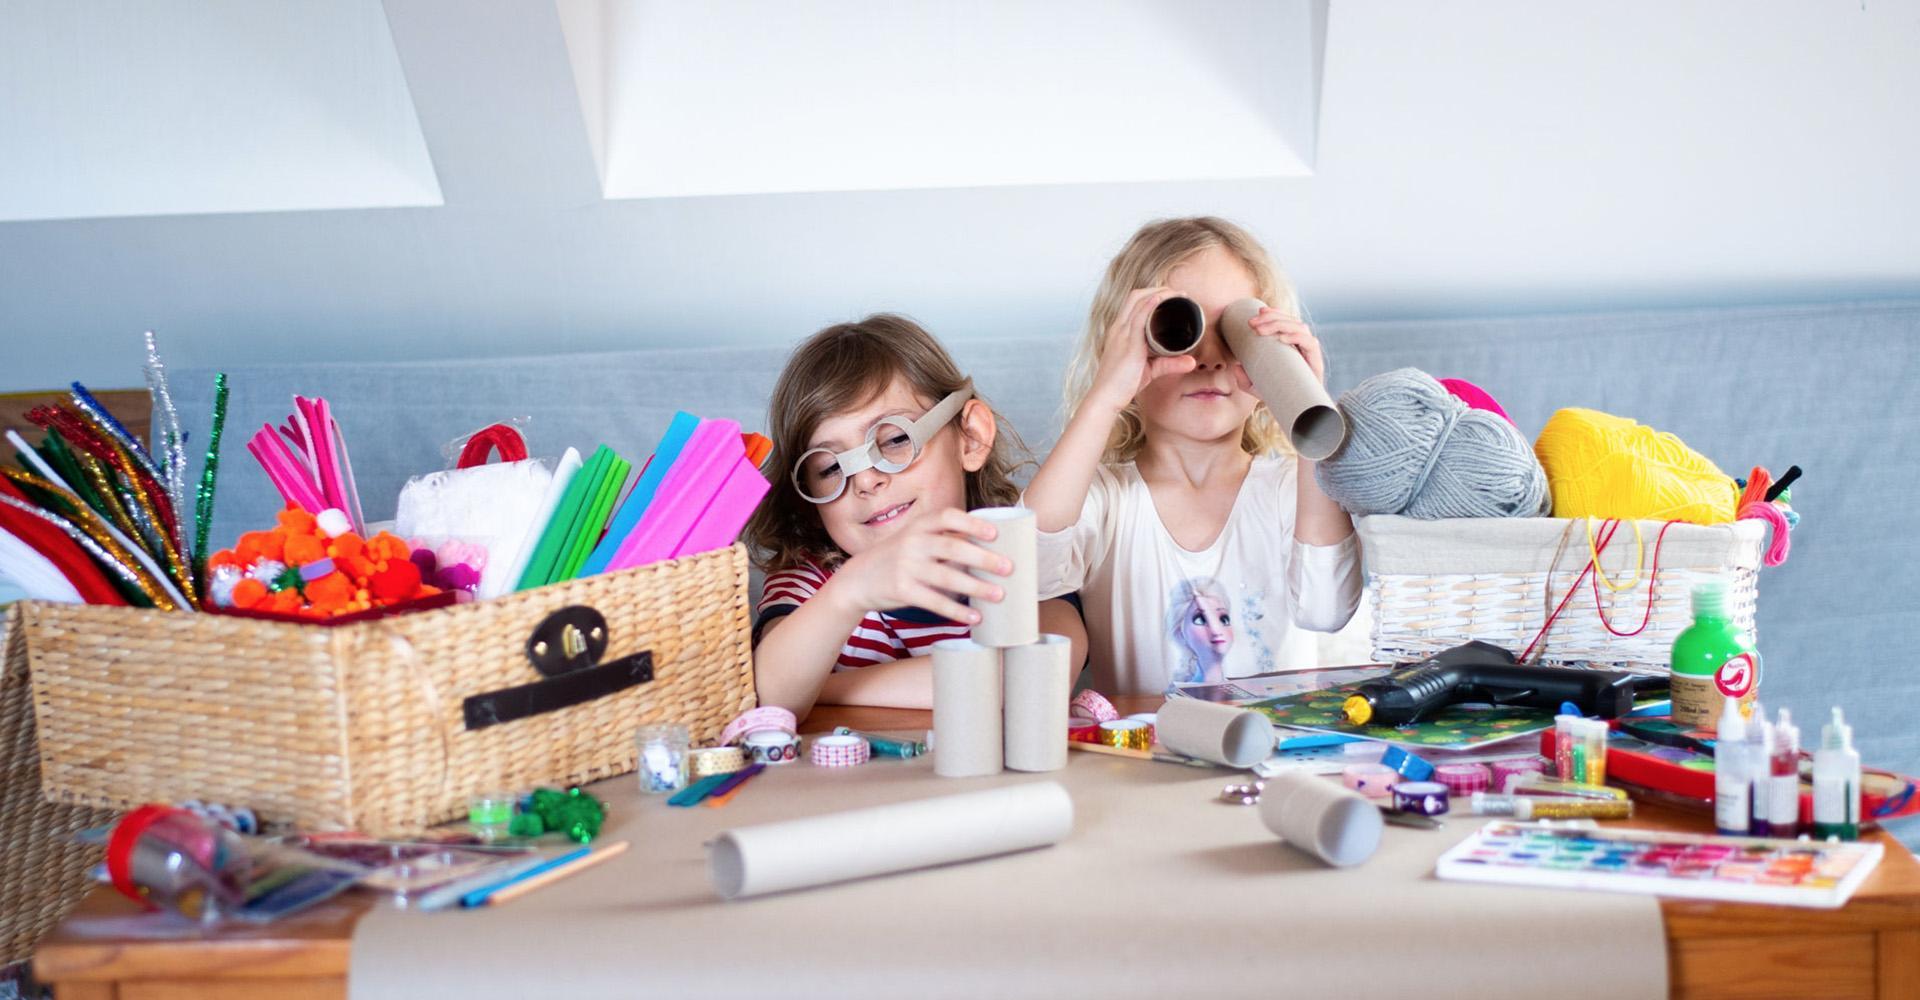 Co ciekawego można zrobić z rolki po papierze toaletowym? Poznaj super pomysły DYI na prace plastyczne dla dzieci!